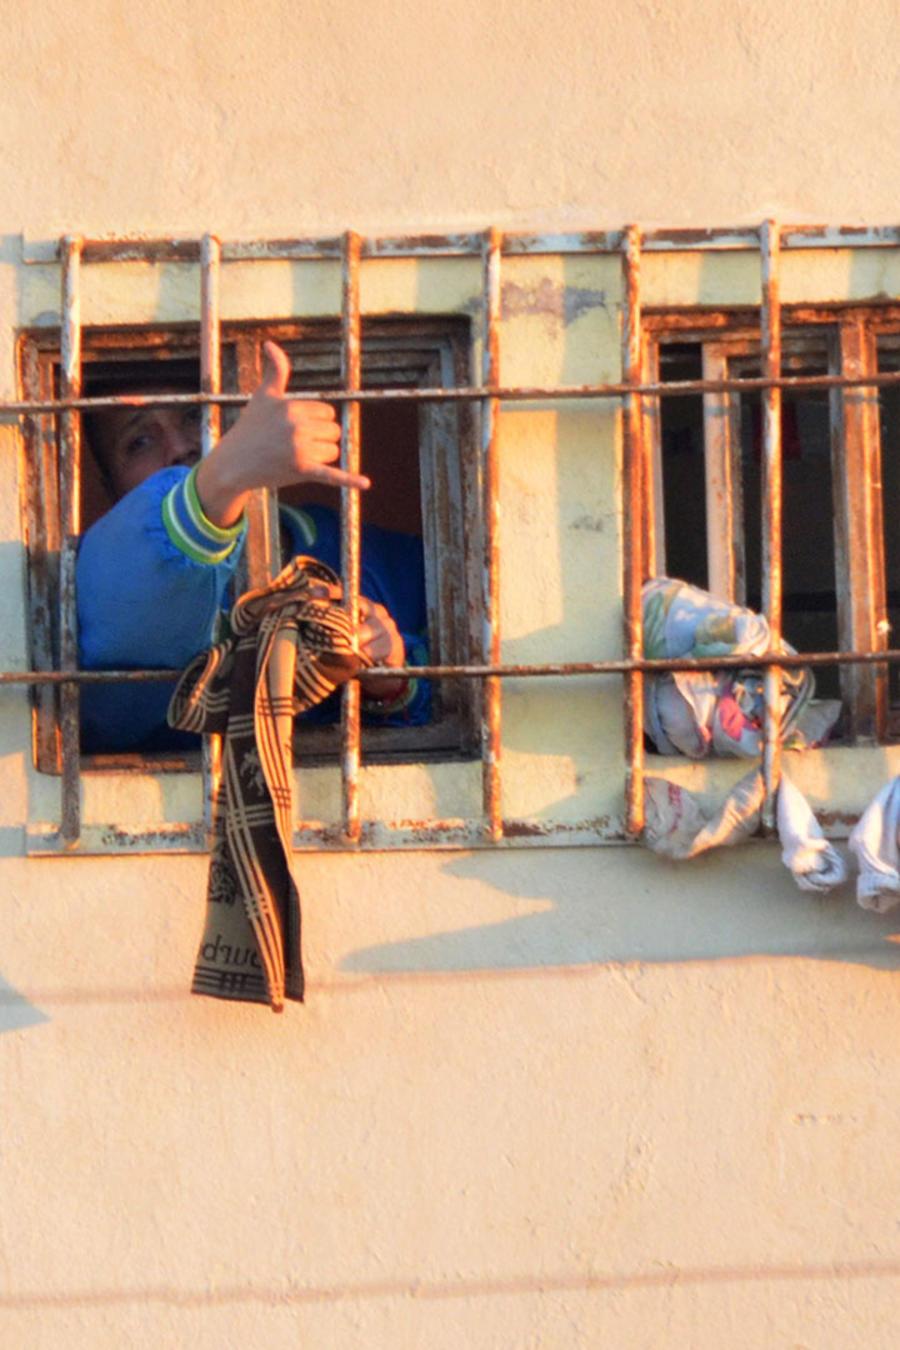 amotinados en carcel de nuevo leon